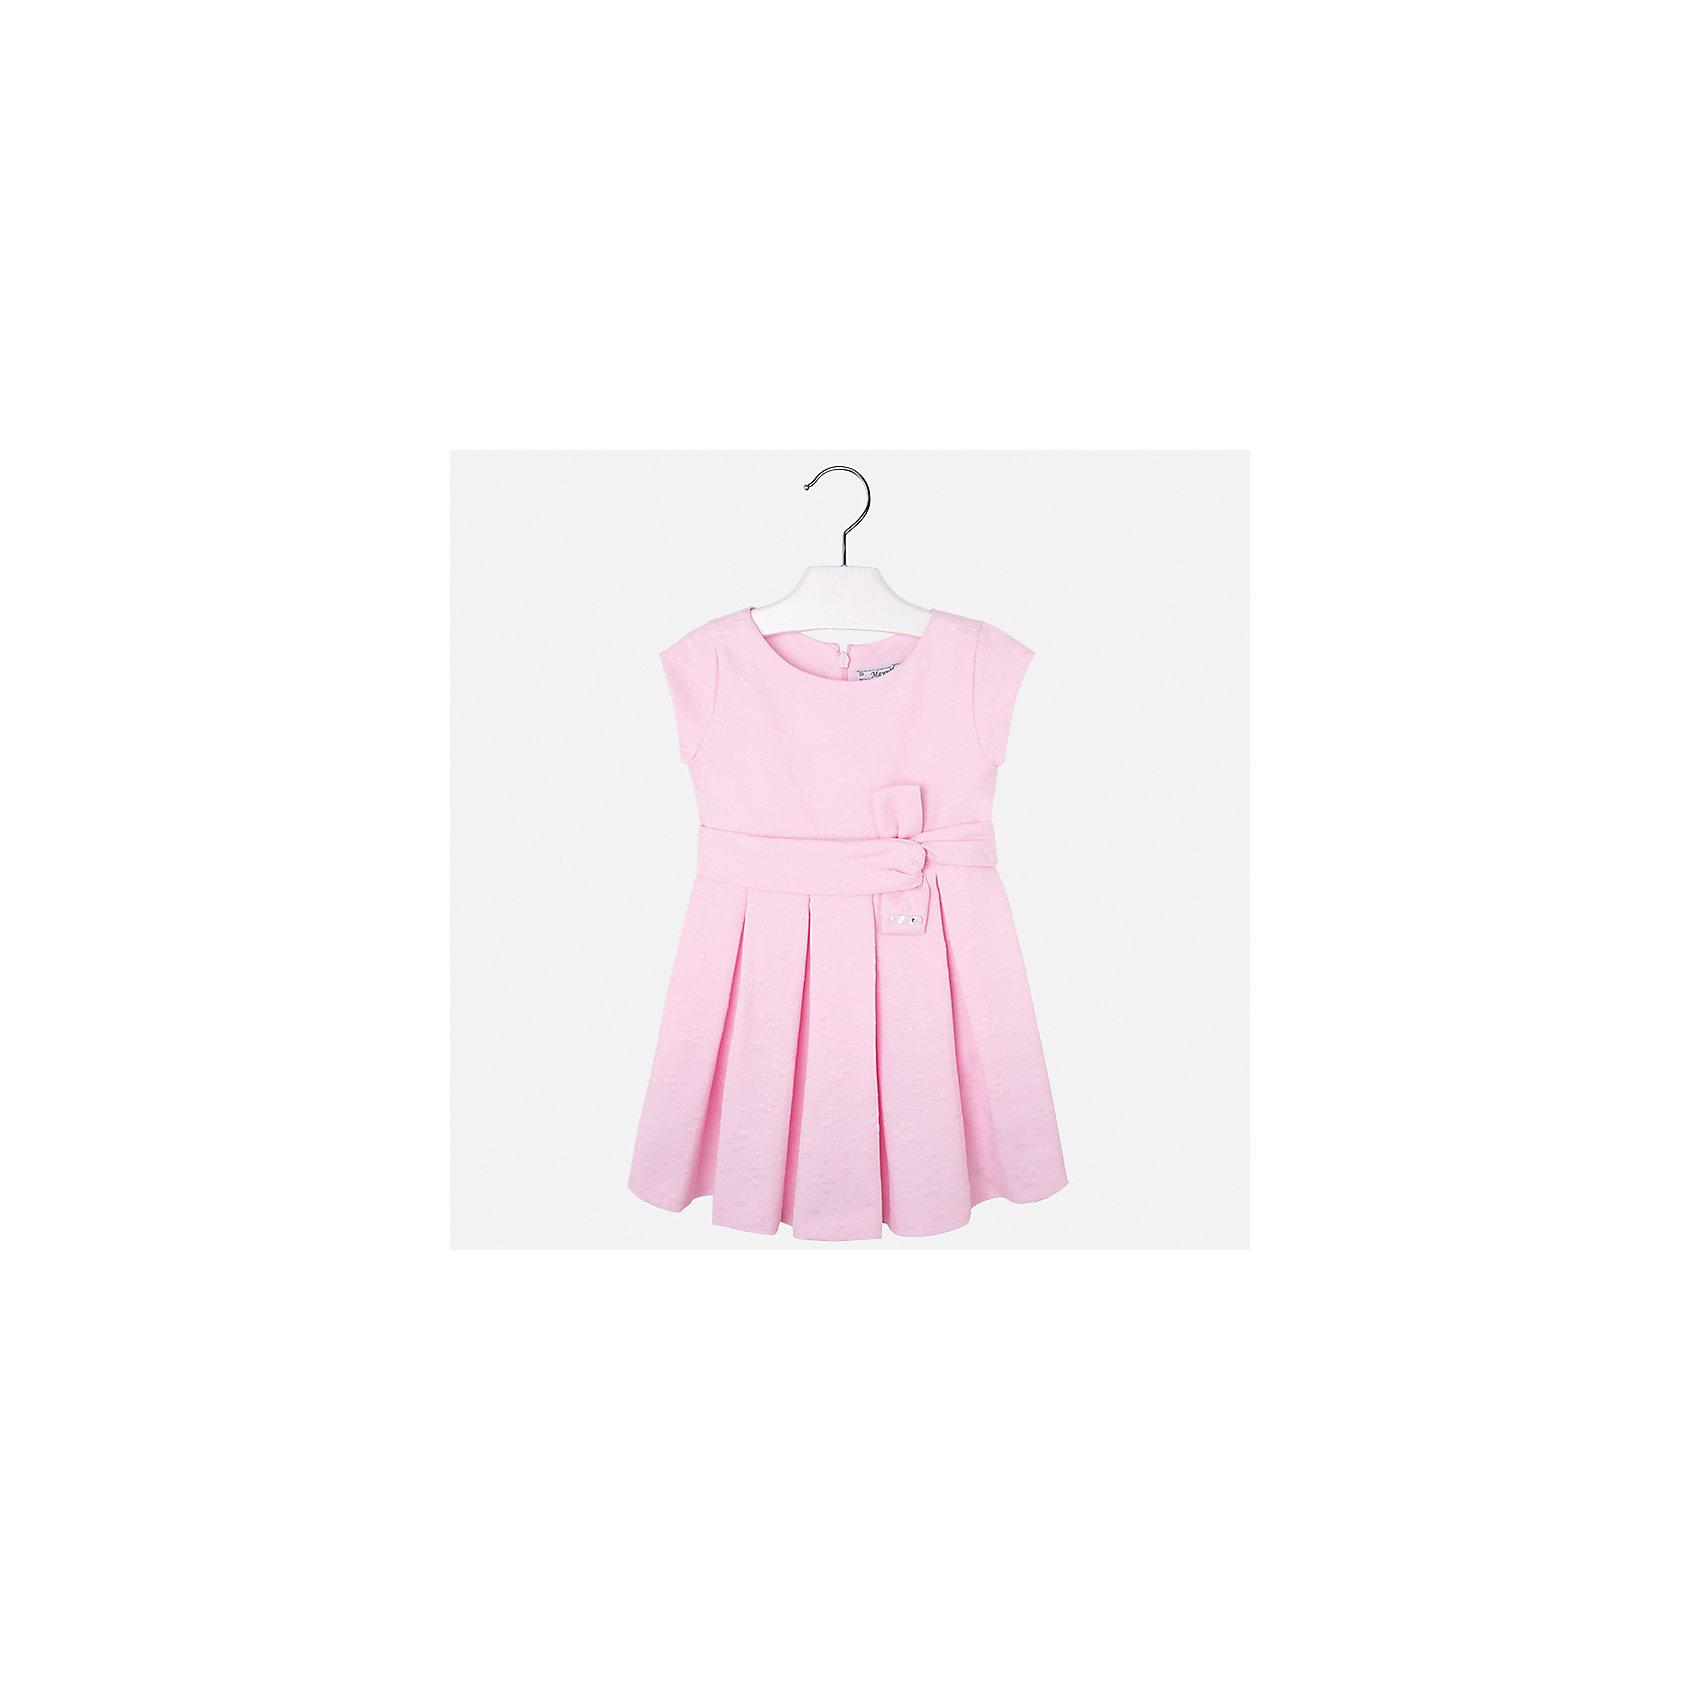 Платье для девочки MayoralХарактеристики товара:<br><br>• цвет: розовый<br>• состав: 38% полиэстер, 62% хлопок, подкладка - 65% полиэстер, 35% хлопок<br>• застежка: молния<br>• складки<br>• украшено бантом на поясе<br>• без рукавов<br>• с подкладкой<br>• страна бренда: Испания<br><br>Красивое легкое платье для девочки поможет разнообразить гардероб ребенка и создать эффектный наряд. Оно подойдет и для торжественных случаев, может быть и как ежедневный наряд. Красивый оттенок позволяет подобрать к вещи обувь разных расцветок. В составе материала - натуральный хлопок, гипоаллергенный, приятный на ощупь, дышащий. Платье хорошо сидит по фигуре.<br><br>Одежда, обувь и аксессуары от испанского бренда Mayoral полюбились детям и взрослым по всему миру. Модели этой марки - стильные и удобные. Для их производства используются только безопасные, качественные материалы и фурнитура. Порадуйте ребенка модными и красивыми вещами от Mayoral! <br><br>Платье для девочки от испанского бренда Mayoral (Майорал) можно купить в нашем интернет-магазине.<br><br>Ширина мм: 236<br>Глубина мм: 16<br>Высота мм: 184<br>Вес г: 177<br>Цвет: фиолетовый<br>Возраст от месяцев: 96<br>Возраст до месяцев: 108<br>Пол: Женский<br>Возраст: Детский<br>Размер: 92,98,104,110,116,122,128,134<br>SKU: 5290982